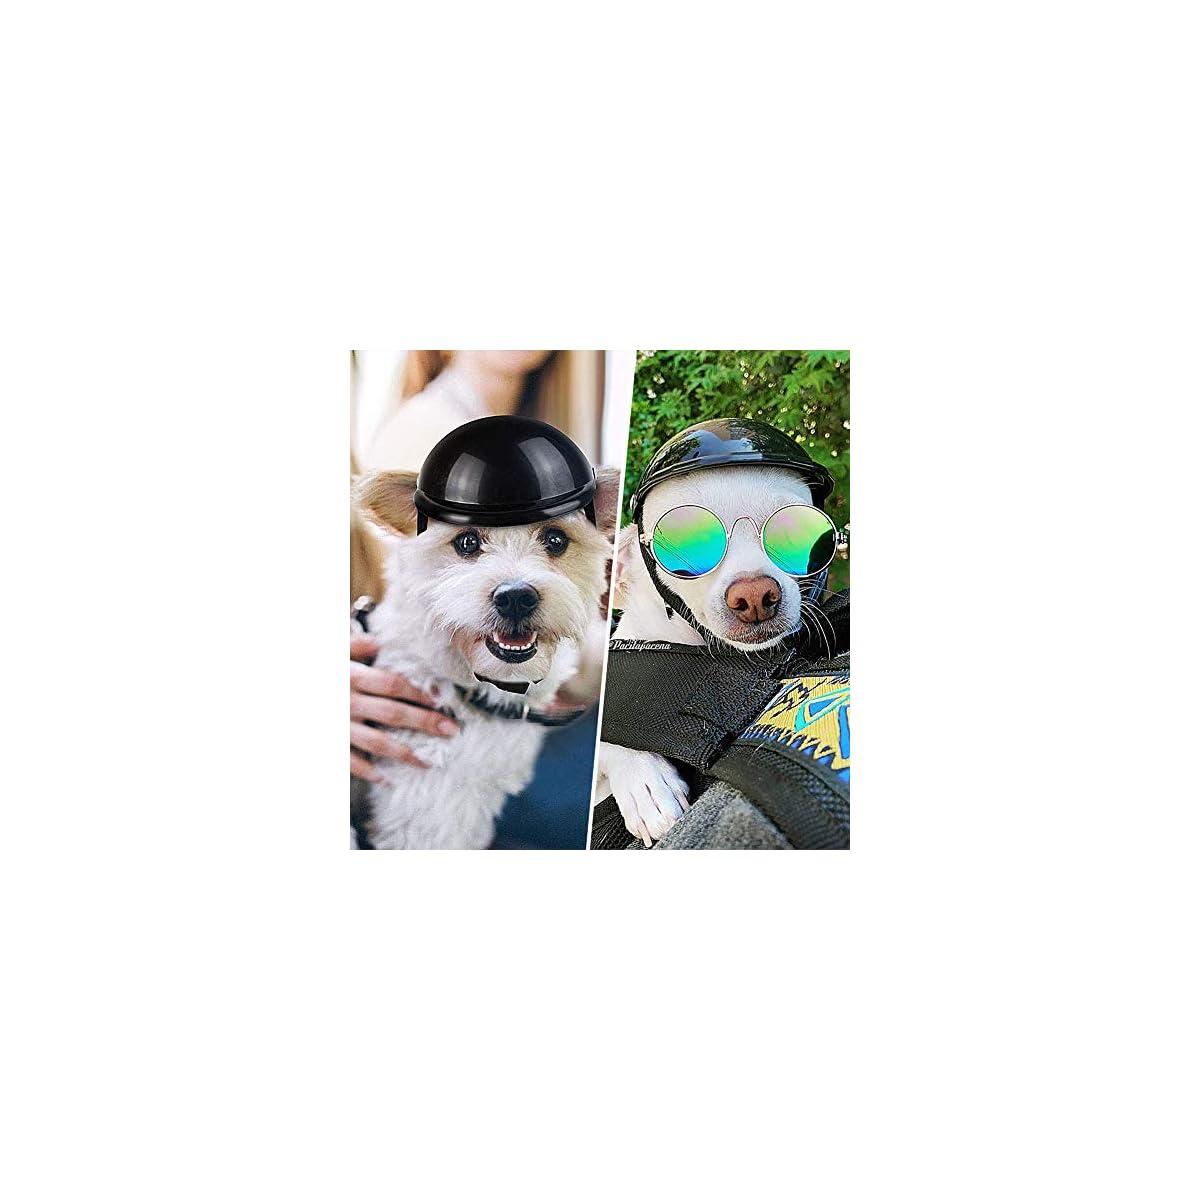 Casco Per Cani Per Motociclette LLMZ 1 Pcs Cani Di Piccola Taglia Piccolo Casco Casco Moto Regolabile Per Cani Per Bici Motocicletta Protezione Di Sicurezza Per Auto o Gatti Cani Per Esterno